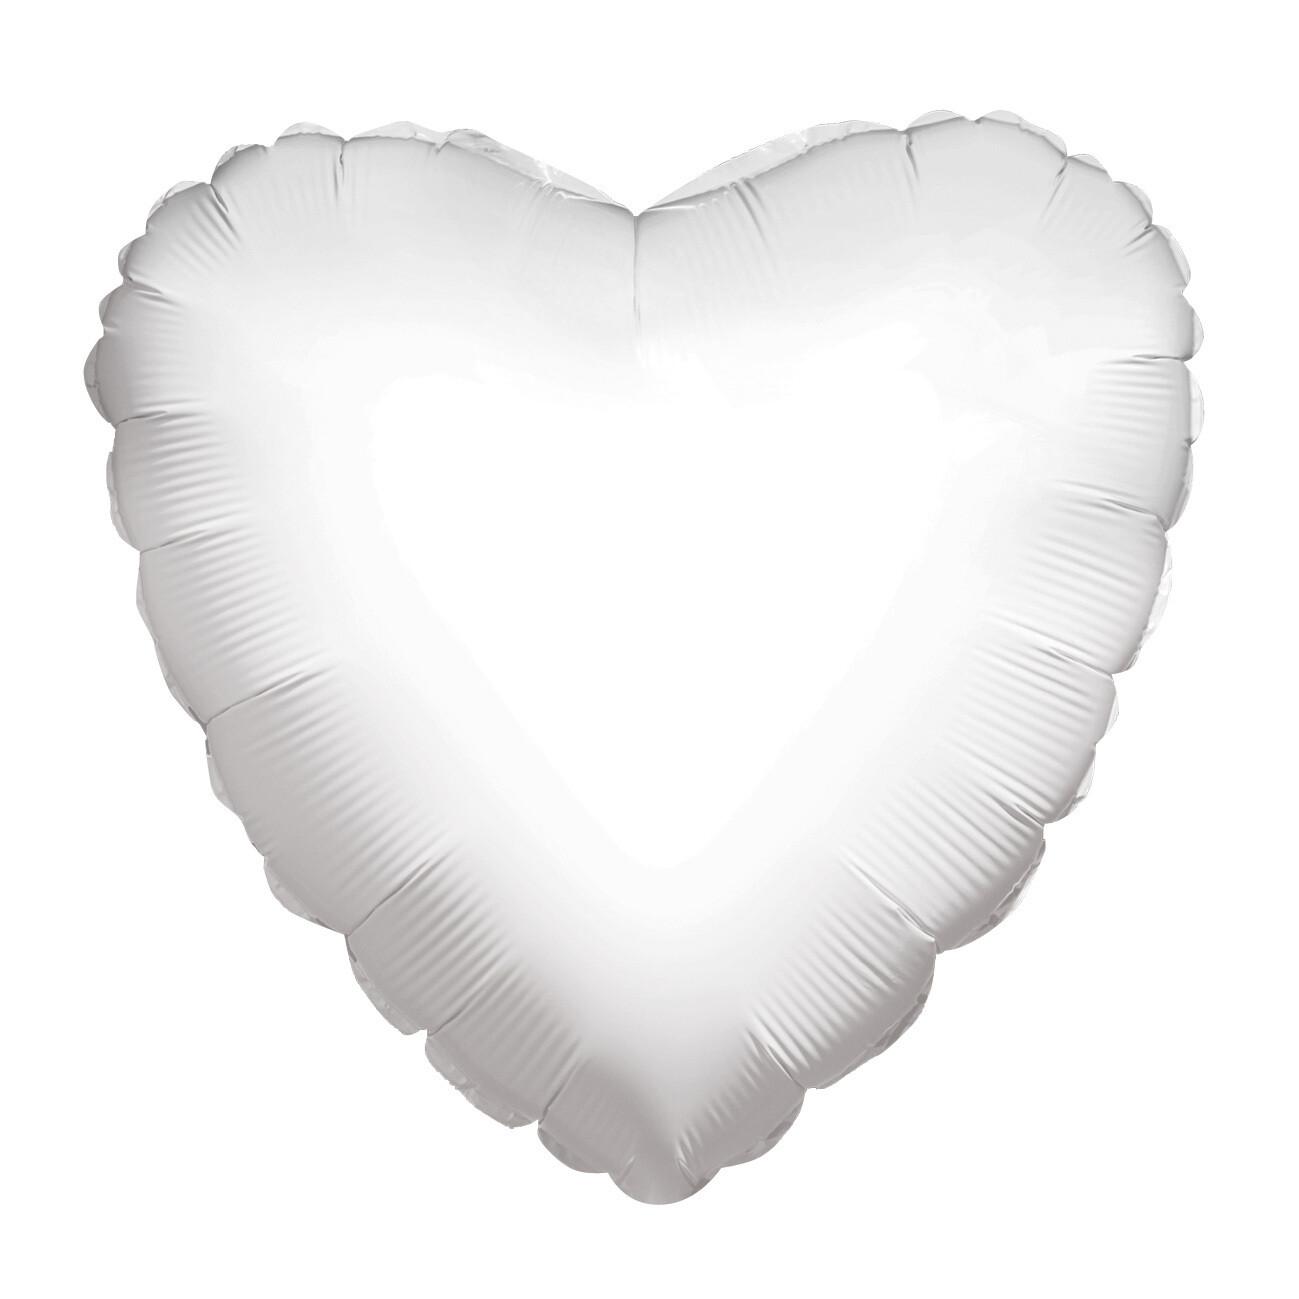 Globo Solid Heart White